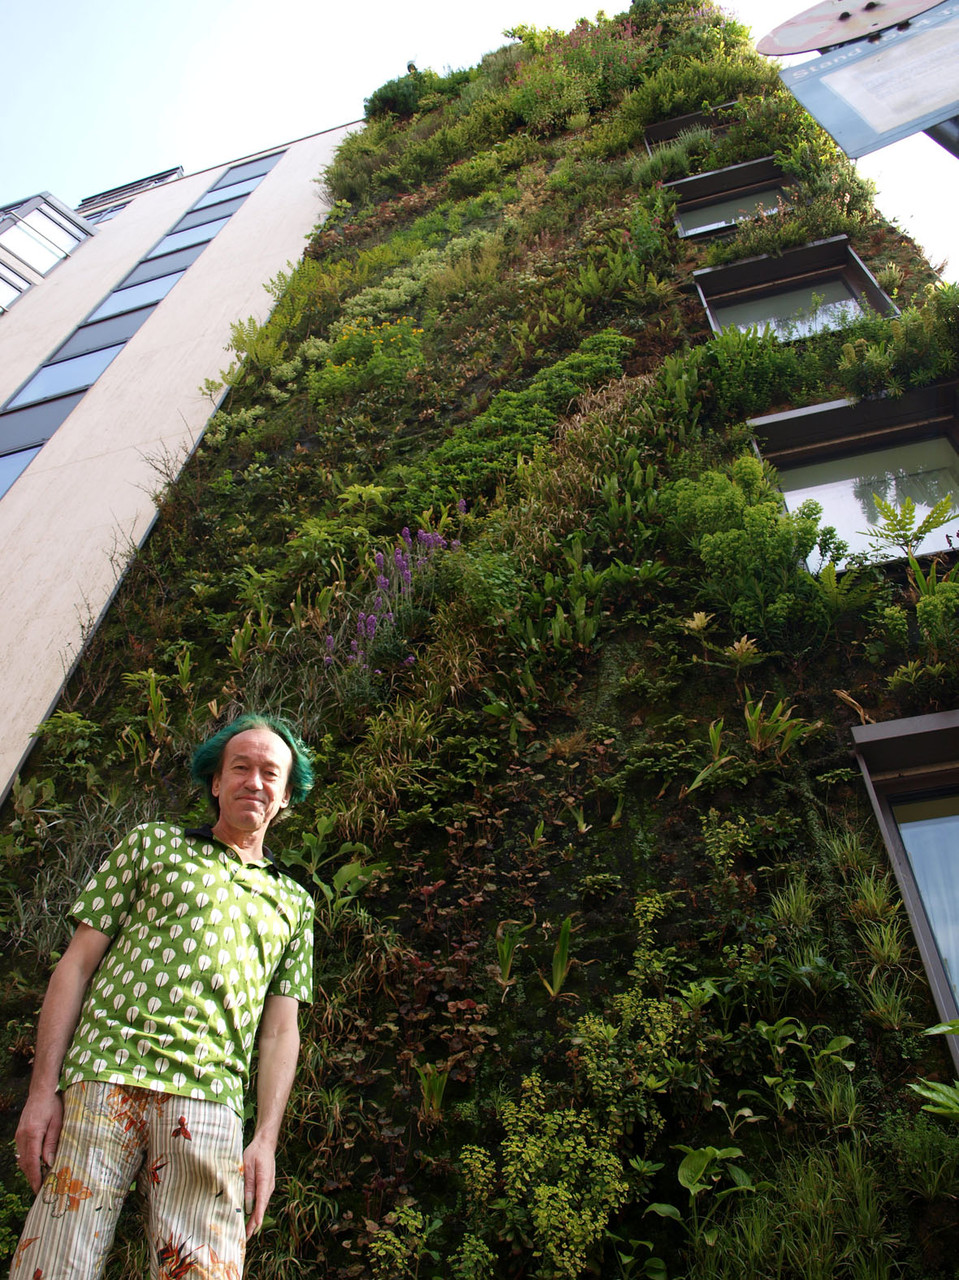 London: Erfinder der vertikalen Gärten Patrick Blanc vor der grünen Wand am Luxushotel The Atheneum